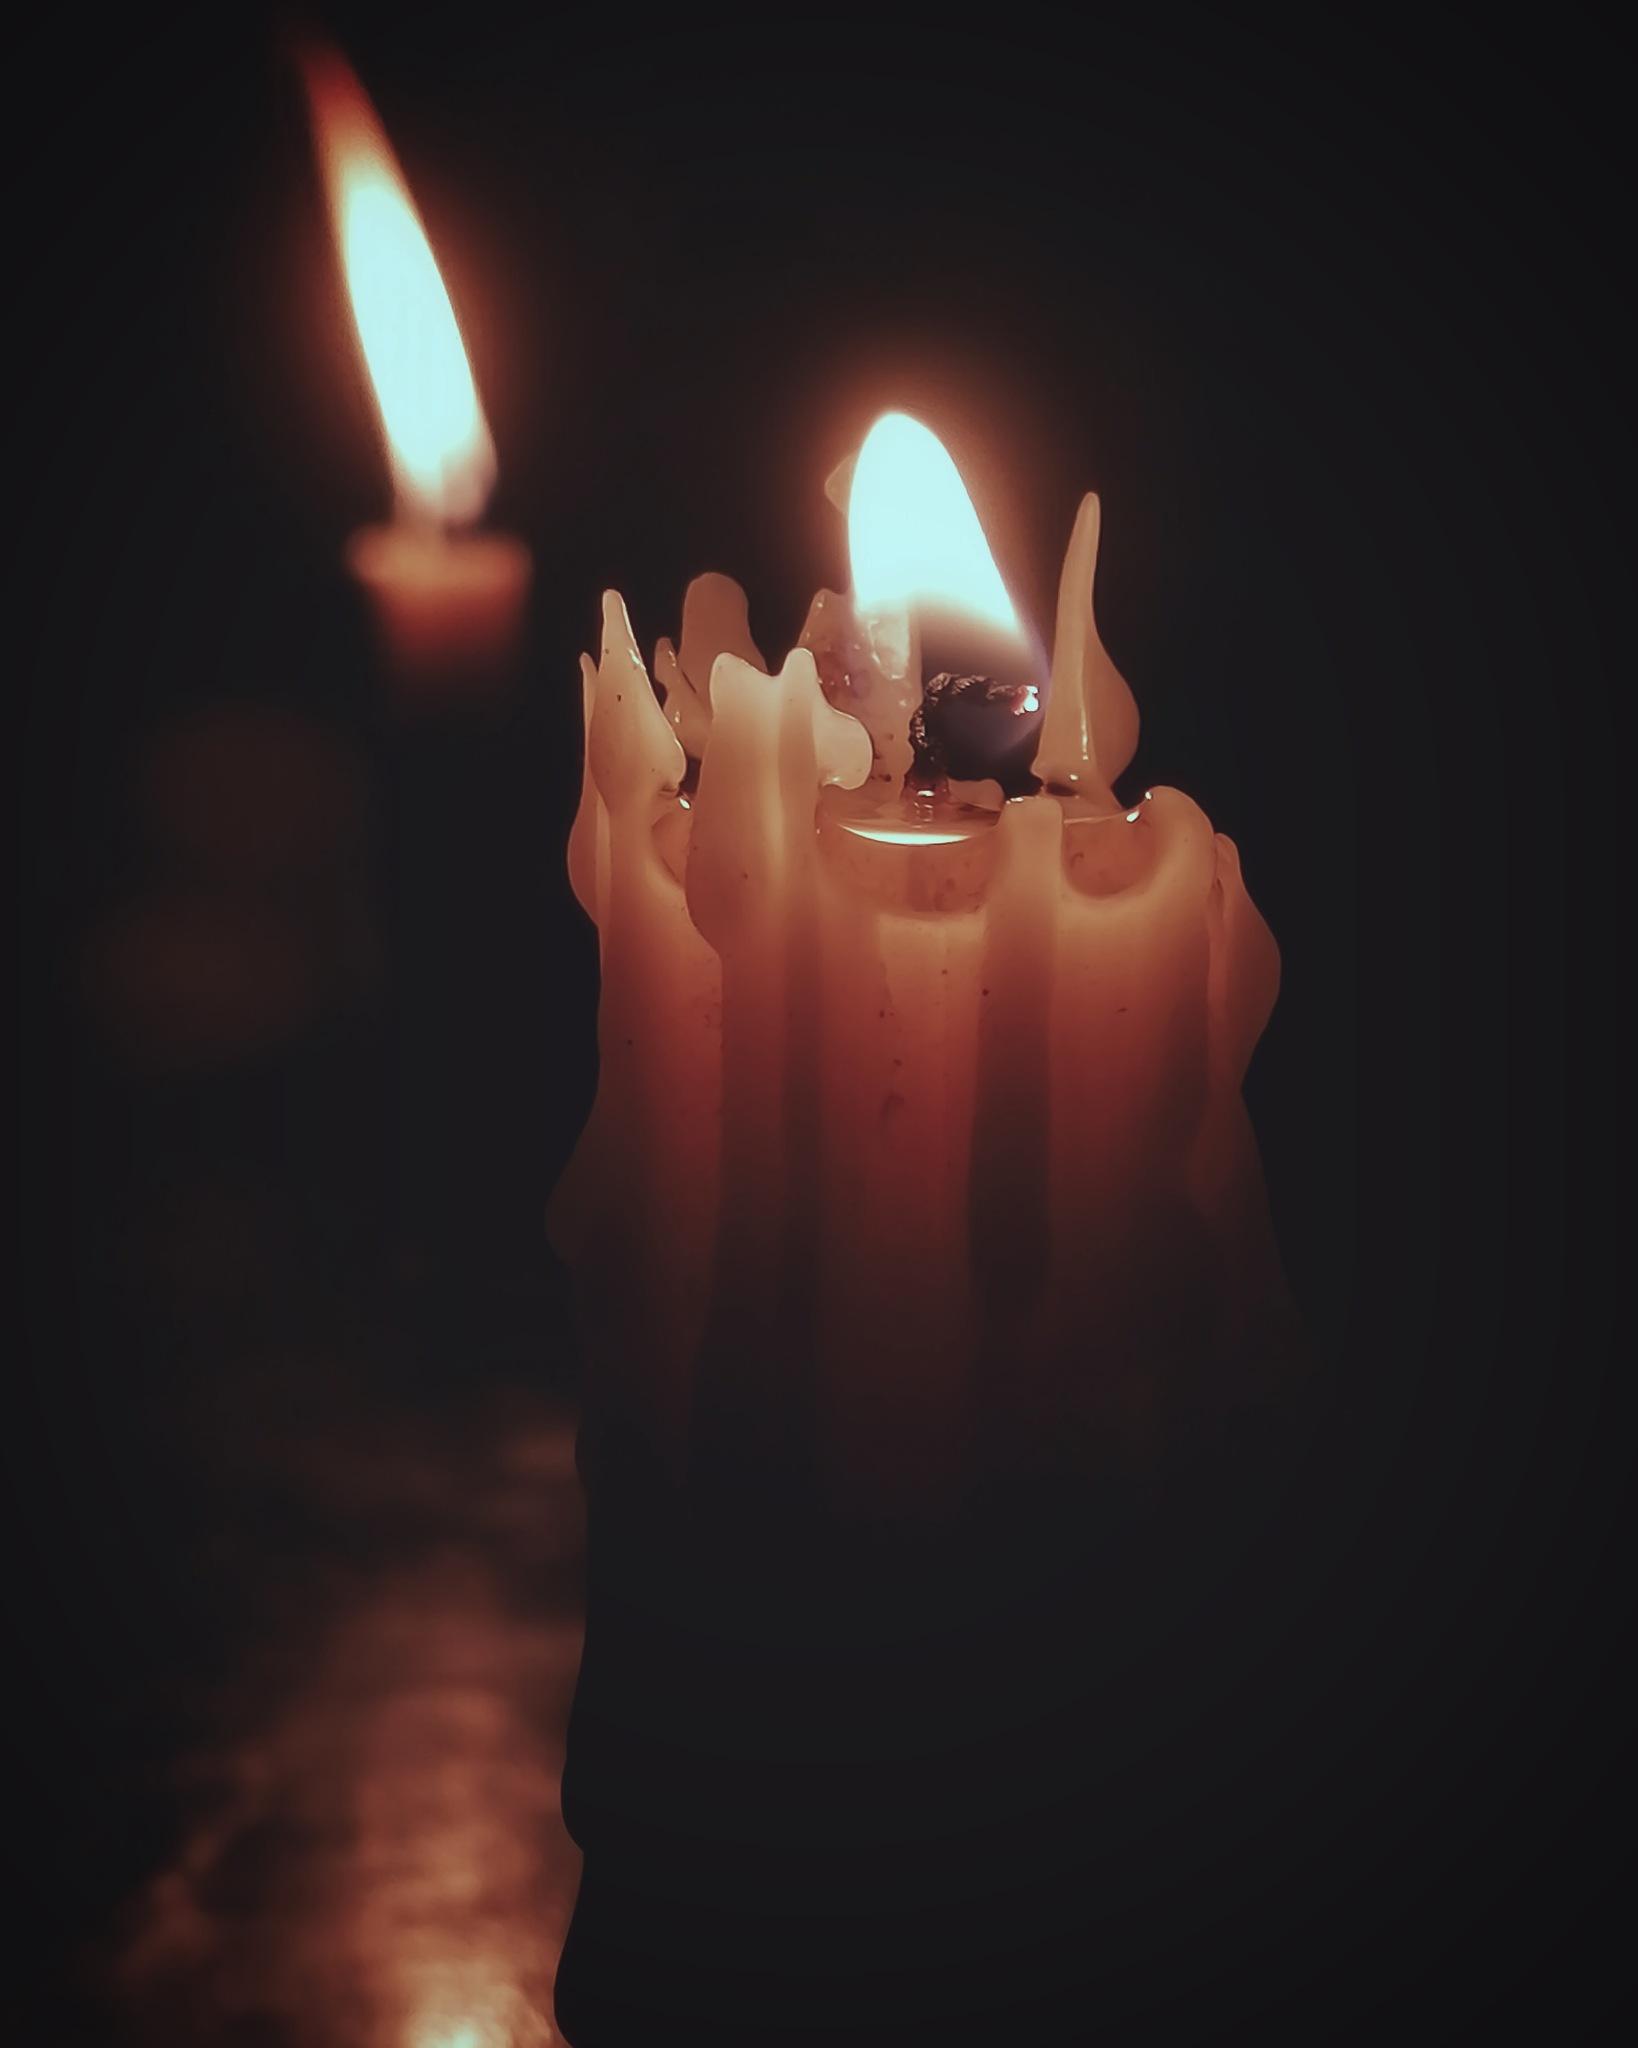 Candle  by pahariharan440